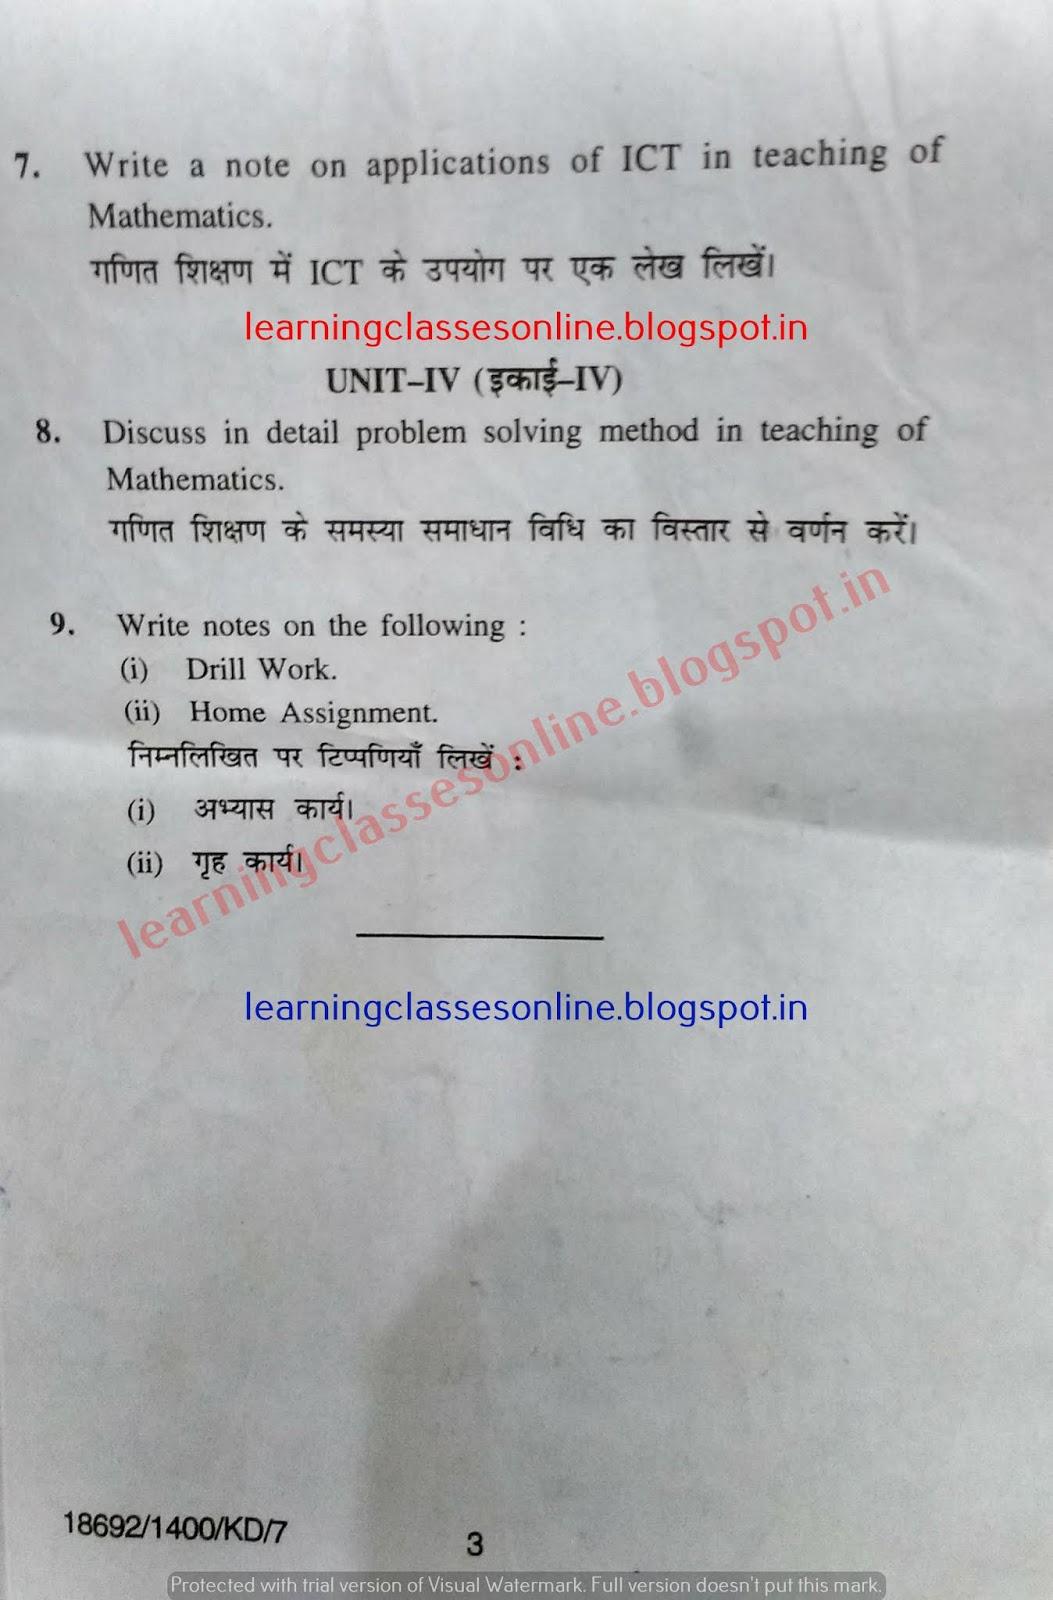 Pedagogy ( teaching) of mathematics 2017 Question Paper